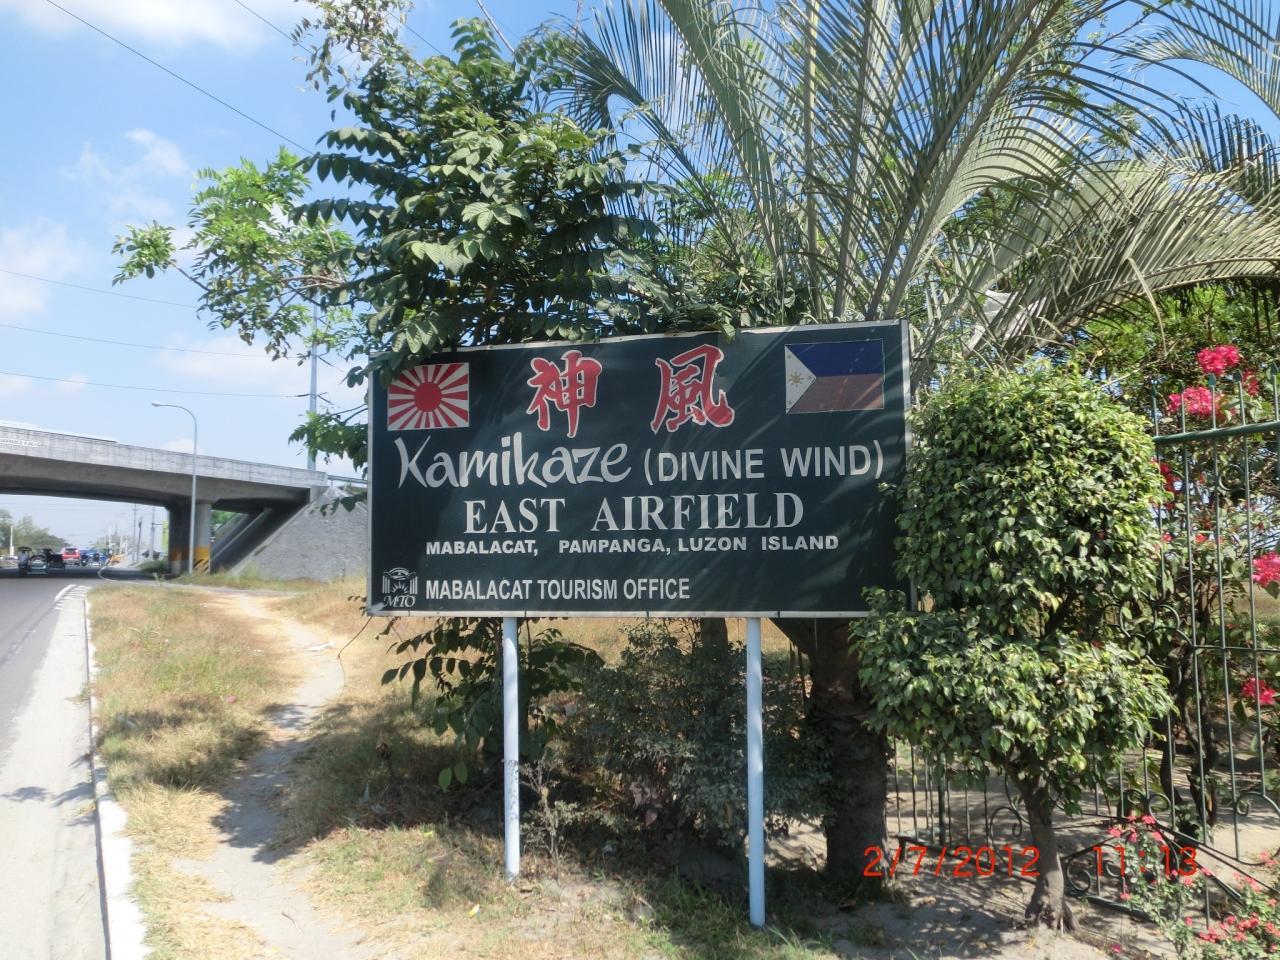 マニラ・マバラカット・コレヒドールの戦跡を訪ねる:旅立ち前